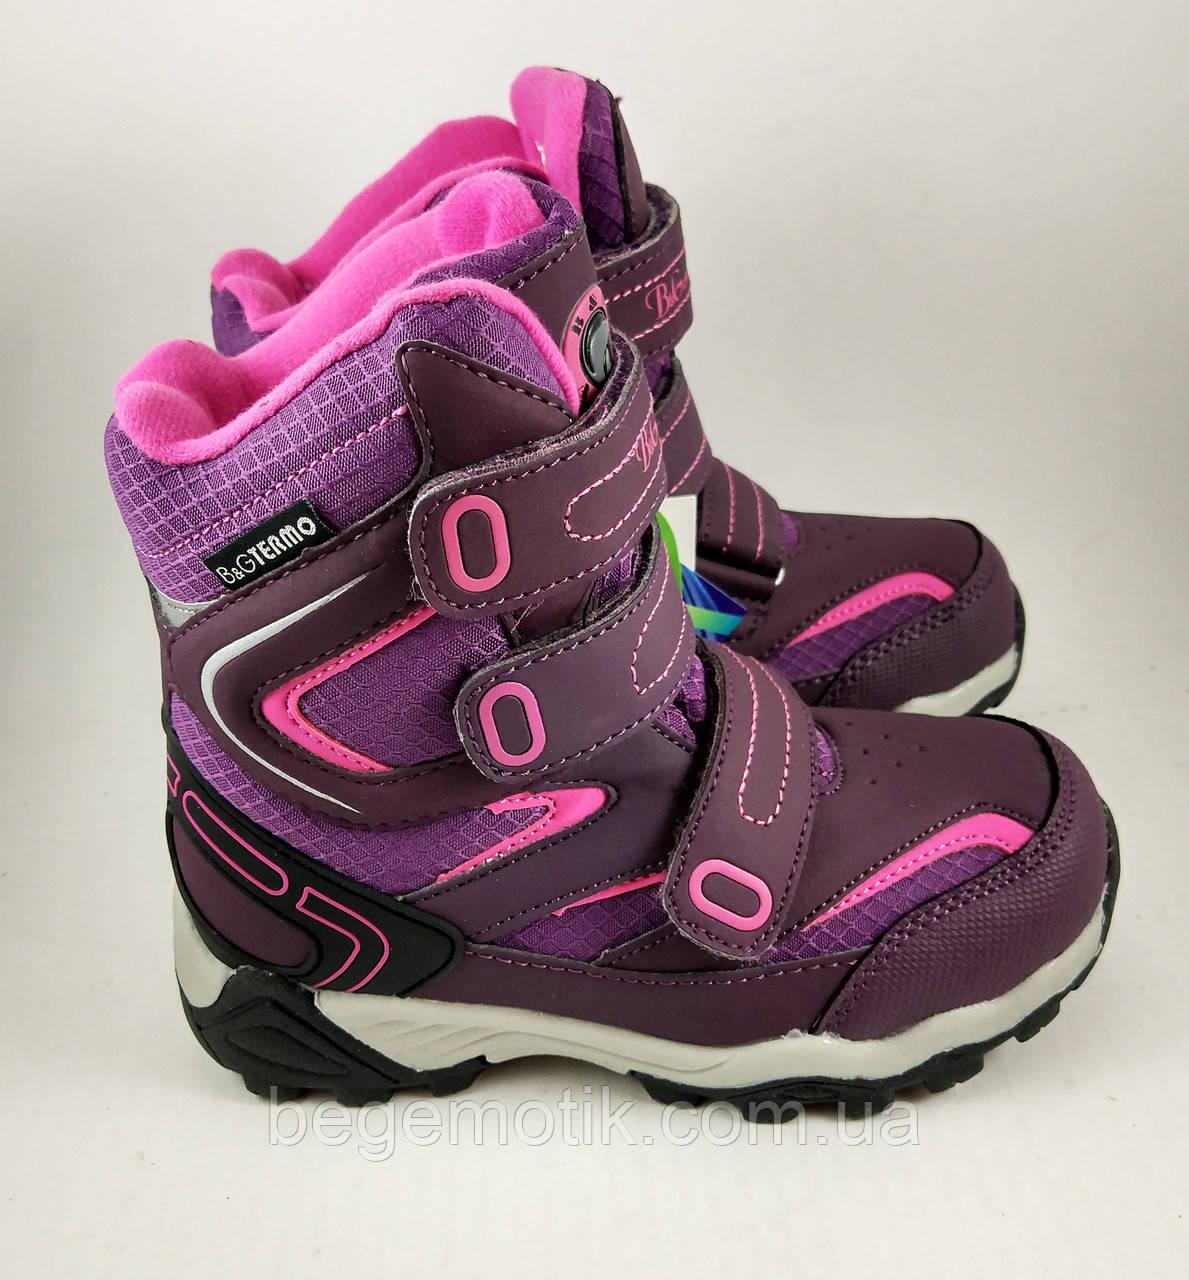 c1cce8e450c059 Термоботинки B&G-Termo для девочек, зимняя обувь детская, фиолтовые -  Бегемотик - детские